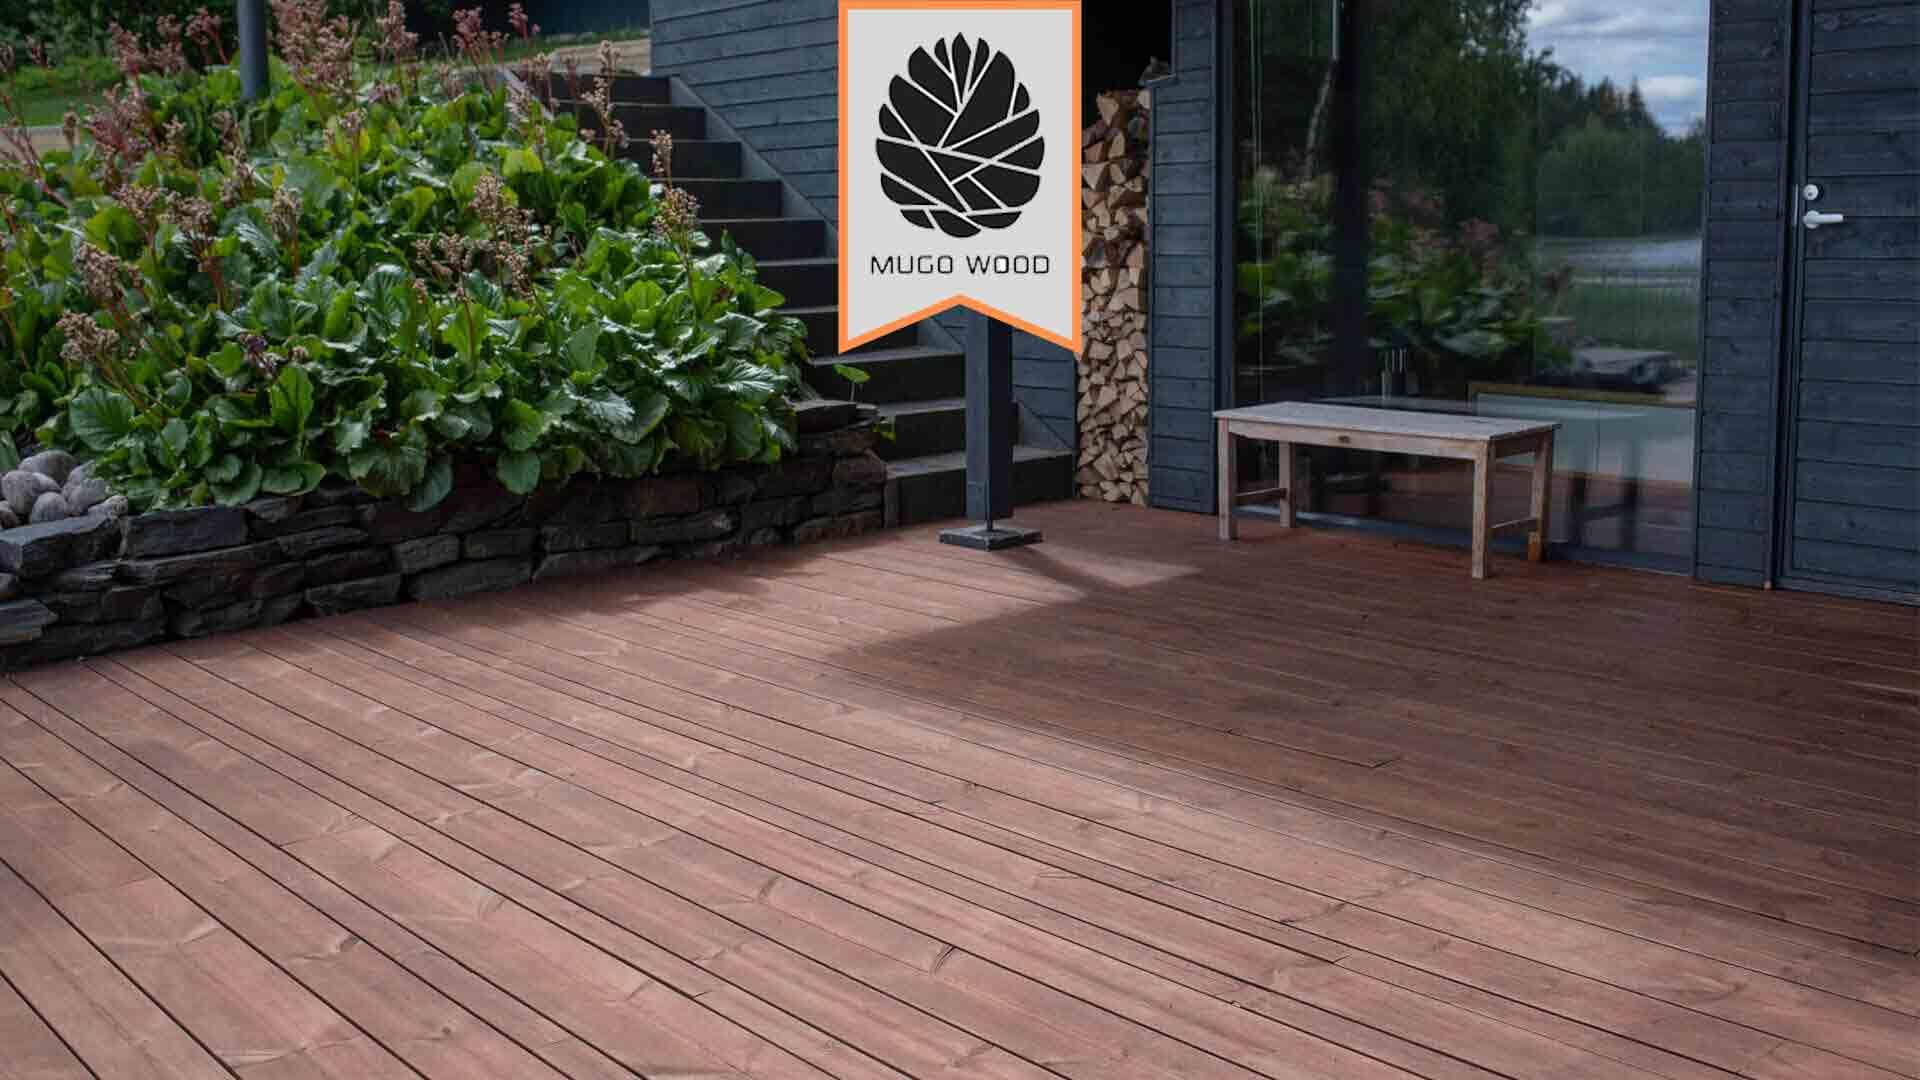 ترموود ارزان -ترموود -قیمت ترموود -چوب ترمو- قیمت هر متر مربع ترموود